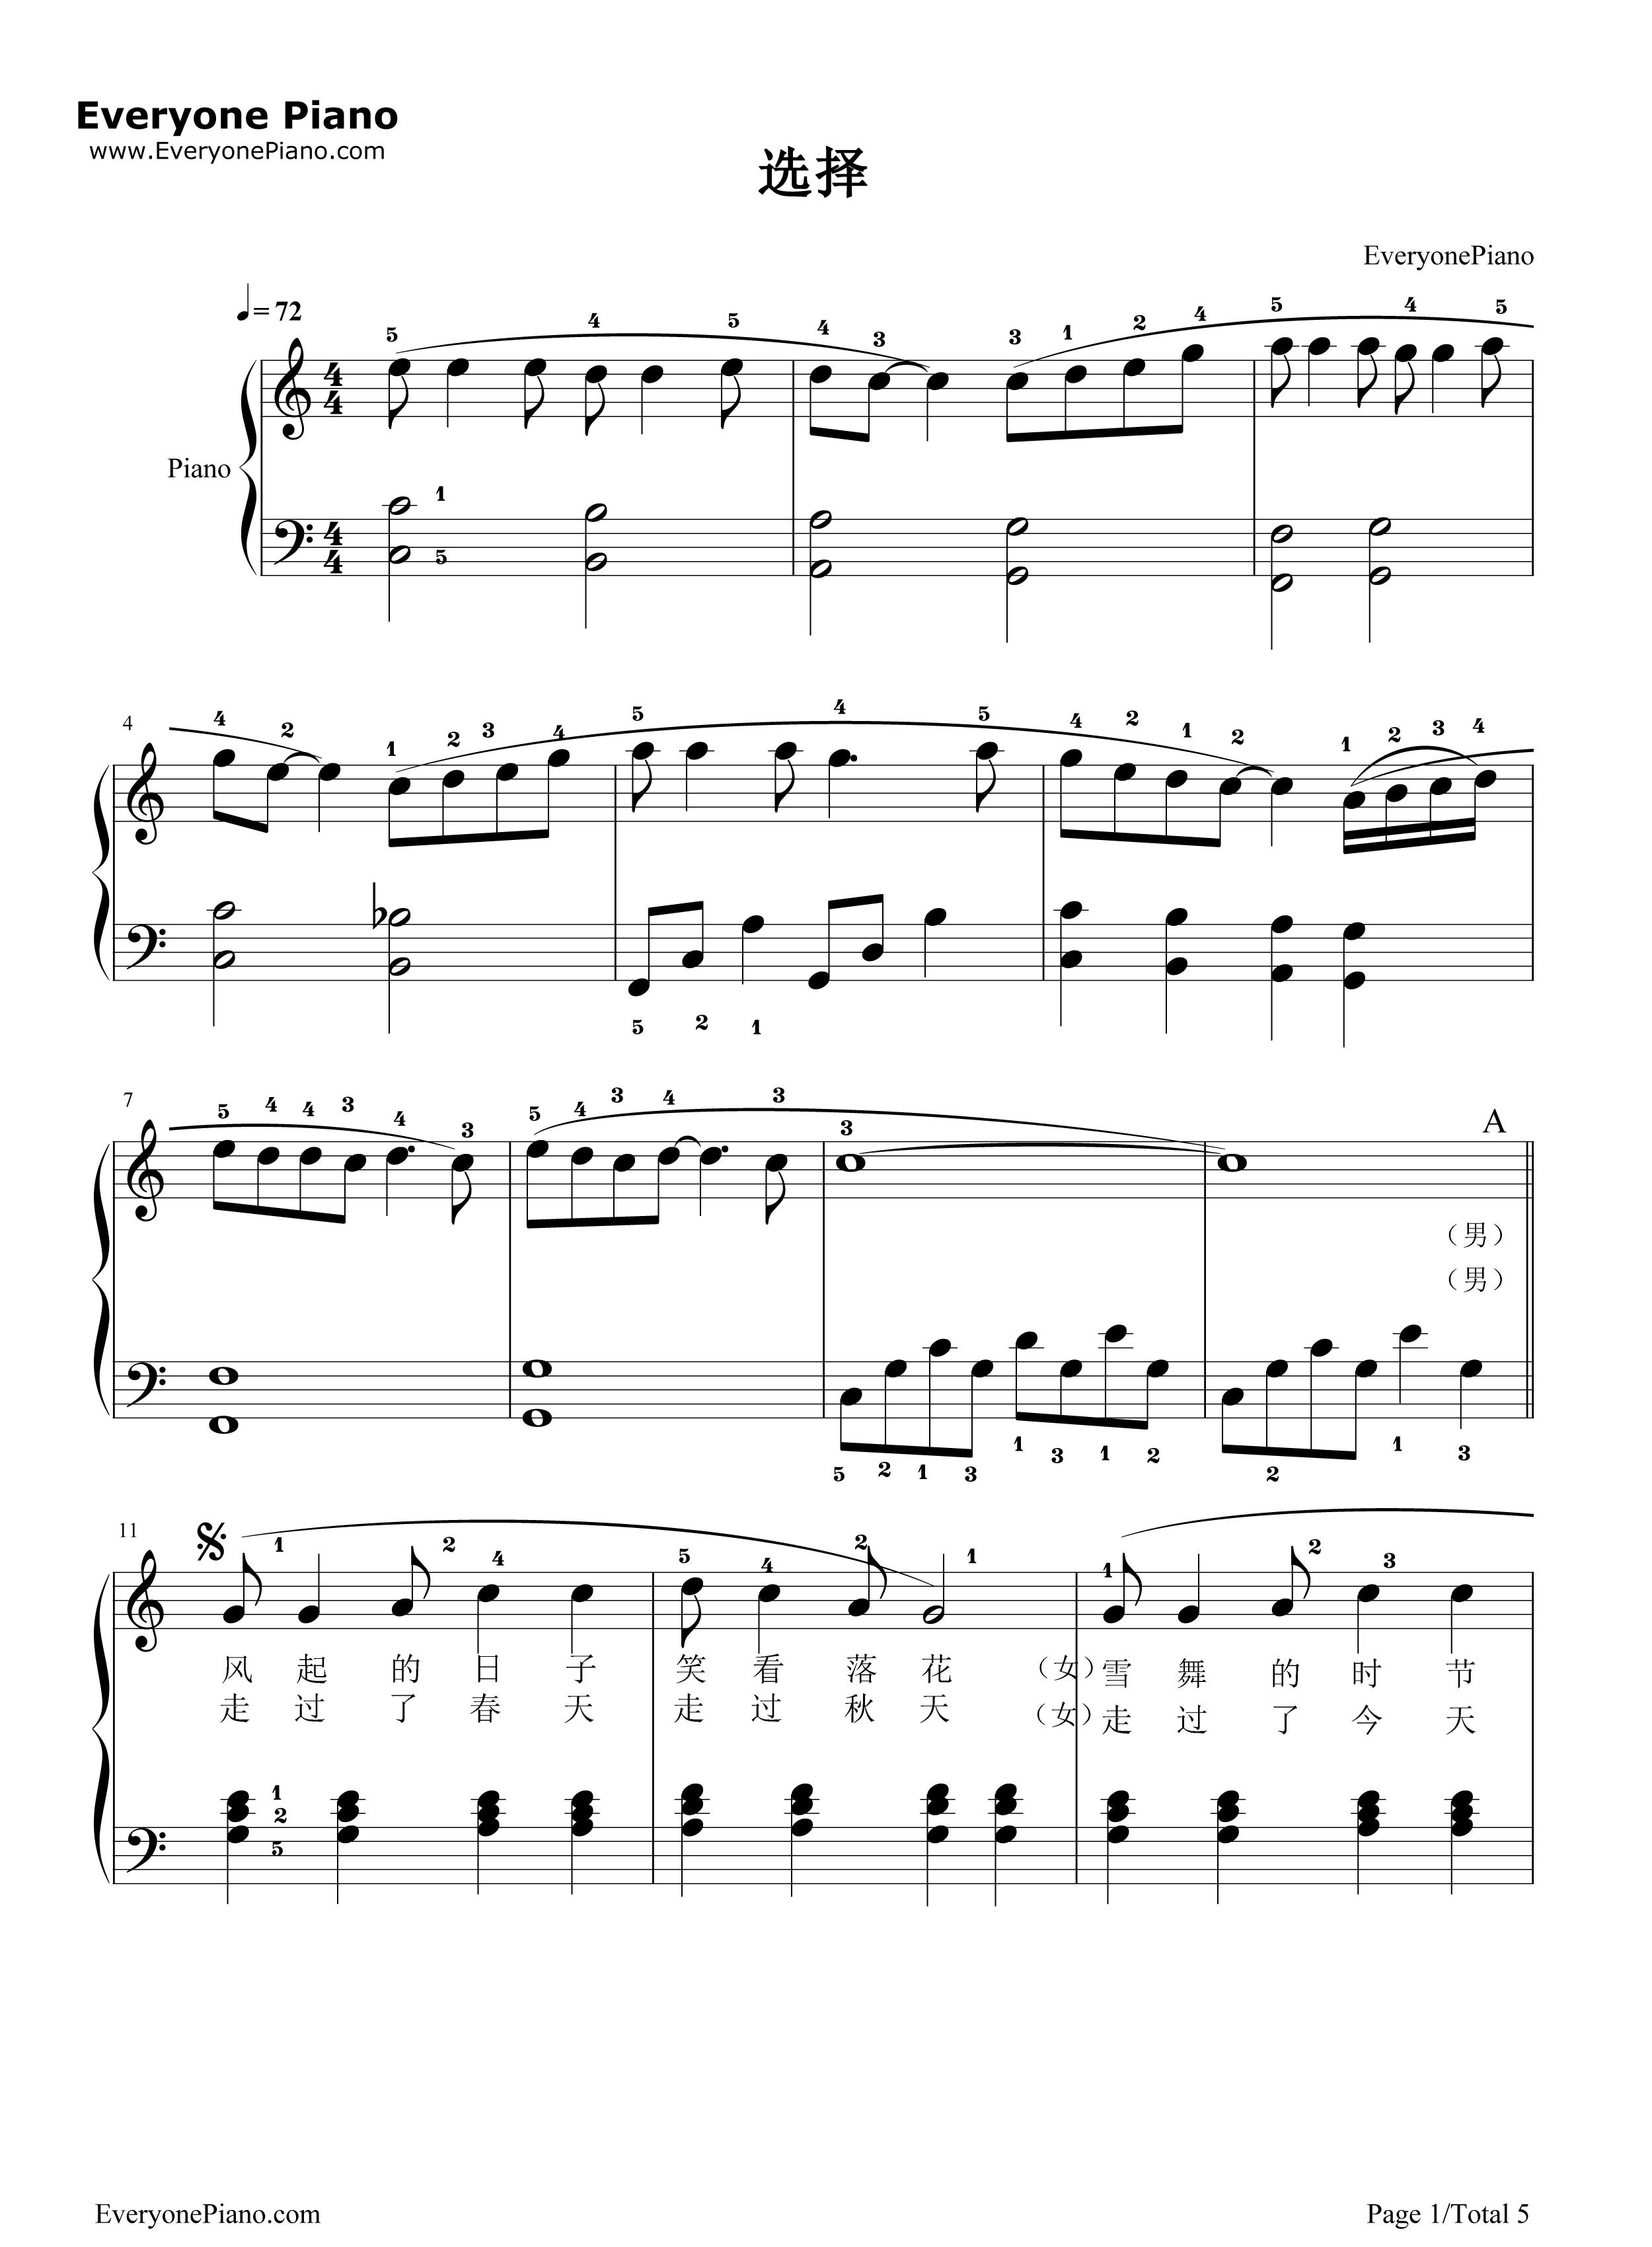 钢琴曲谱 流行 选择-叶倩文,林子祥 选择-叶倩文,林子祥五线谱预览1